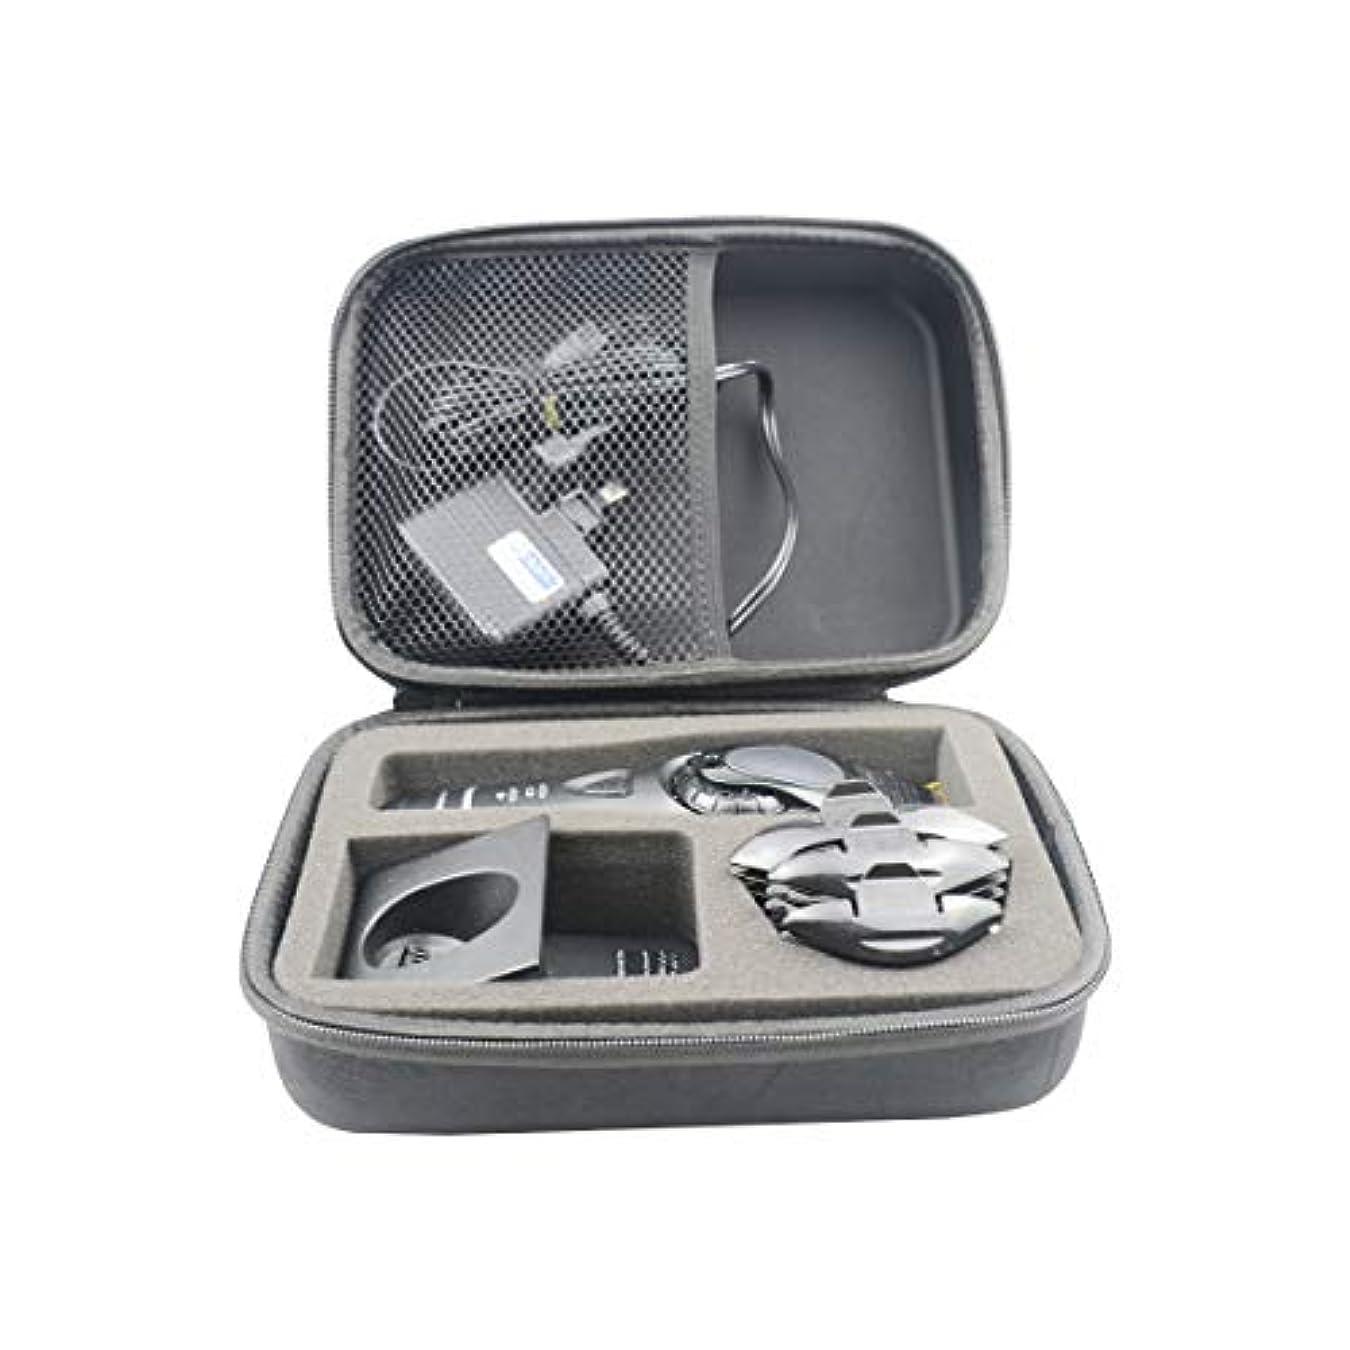 わかる系譜クアッガSANVSENパナソニックER-GP80 Kプロフェッショナルヘアクリッパーハードスーツケース